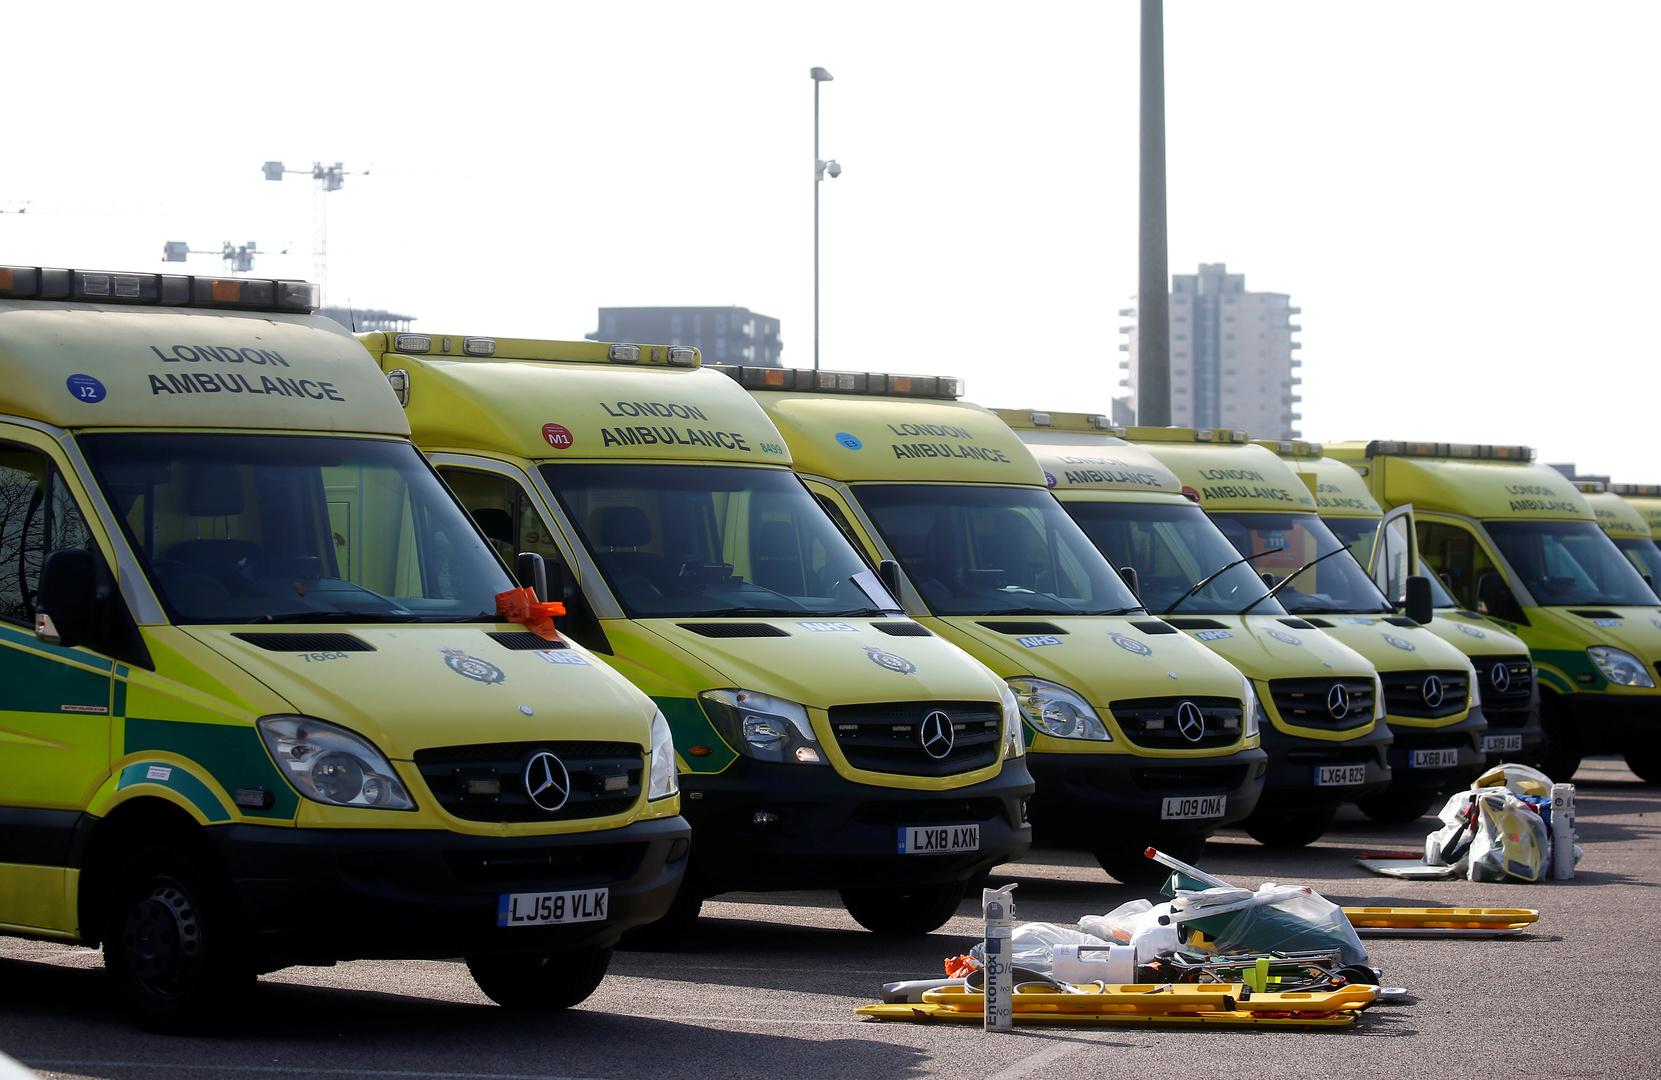 بريطانيا.. كورونا يقتل طبيبا مسلما طلب من جونسون حماية الموظفين الصحيين من الفيروس